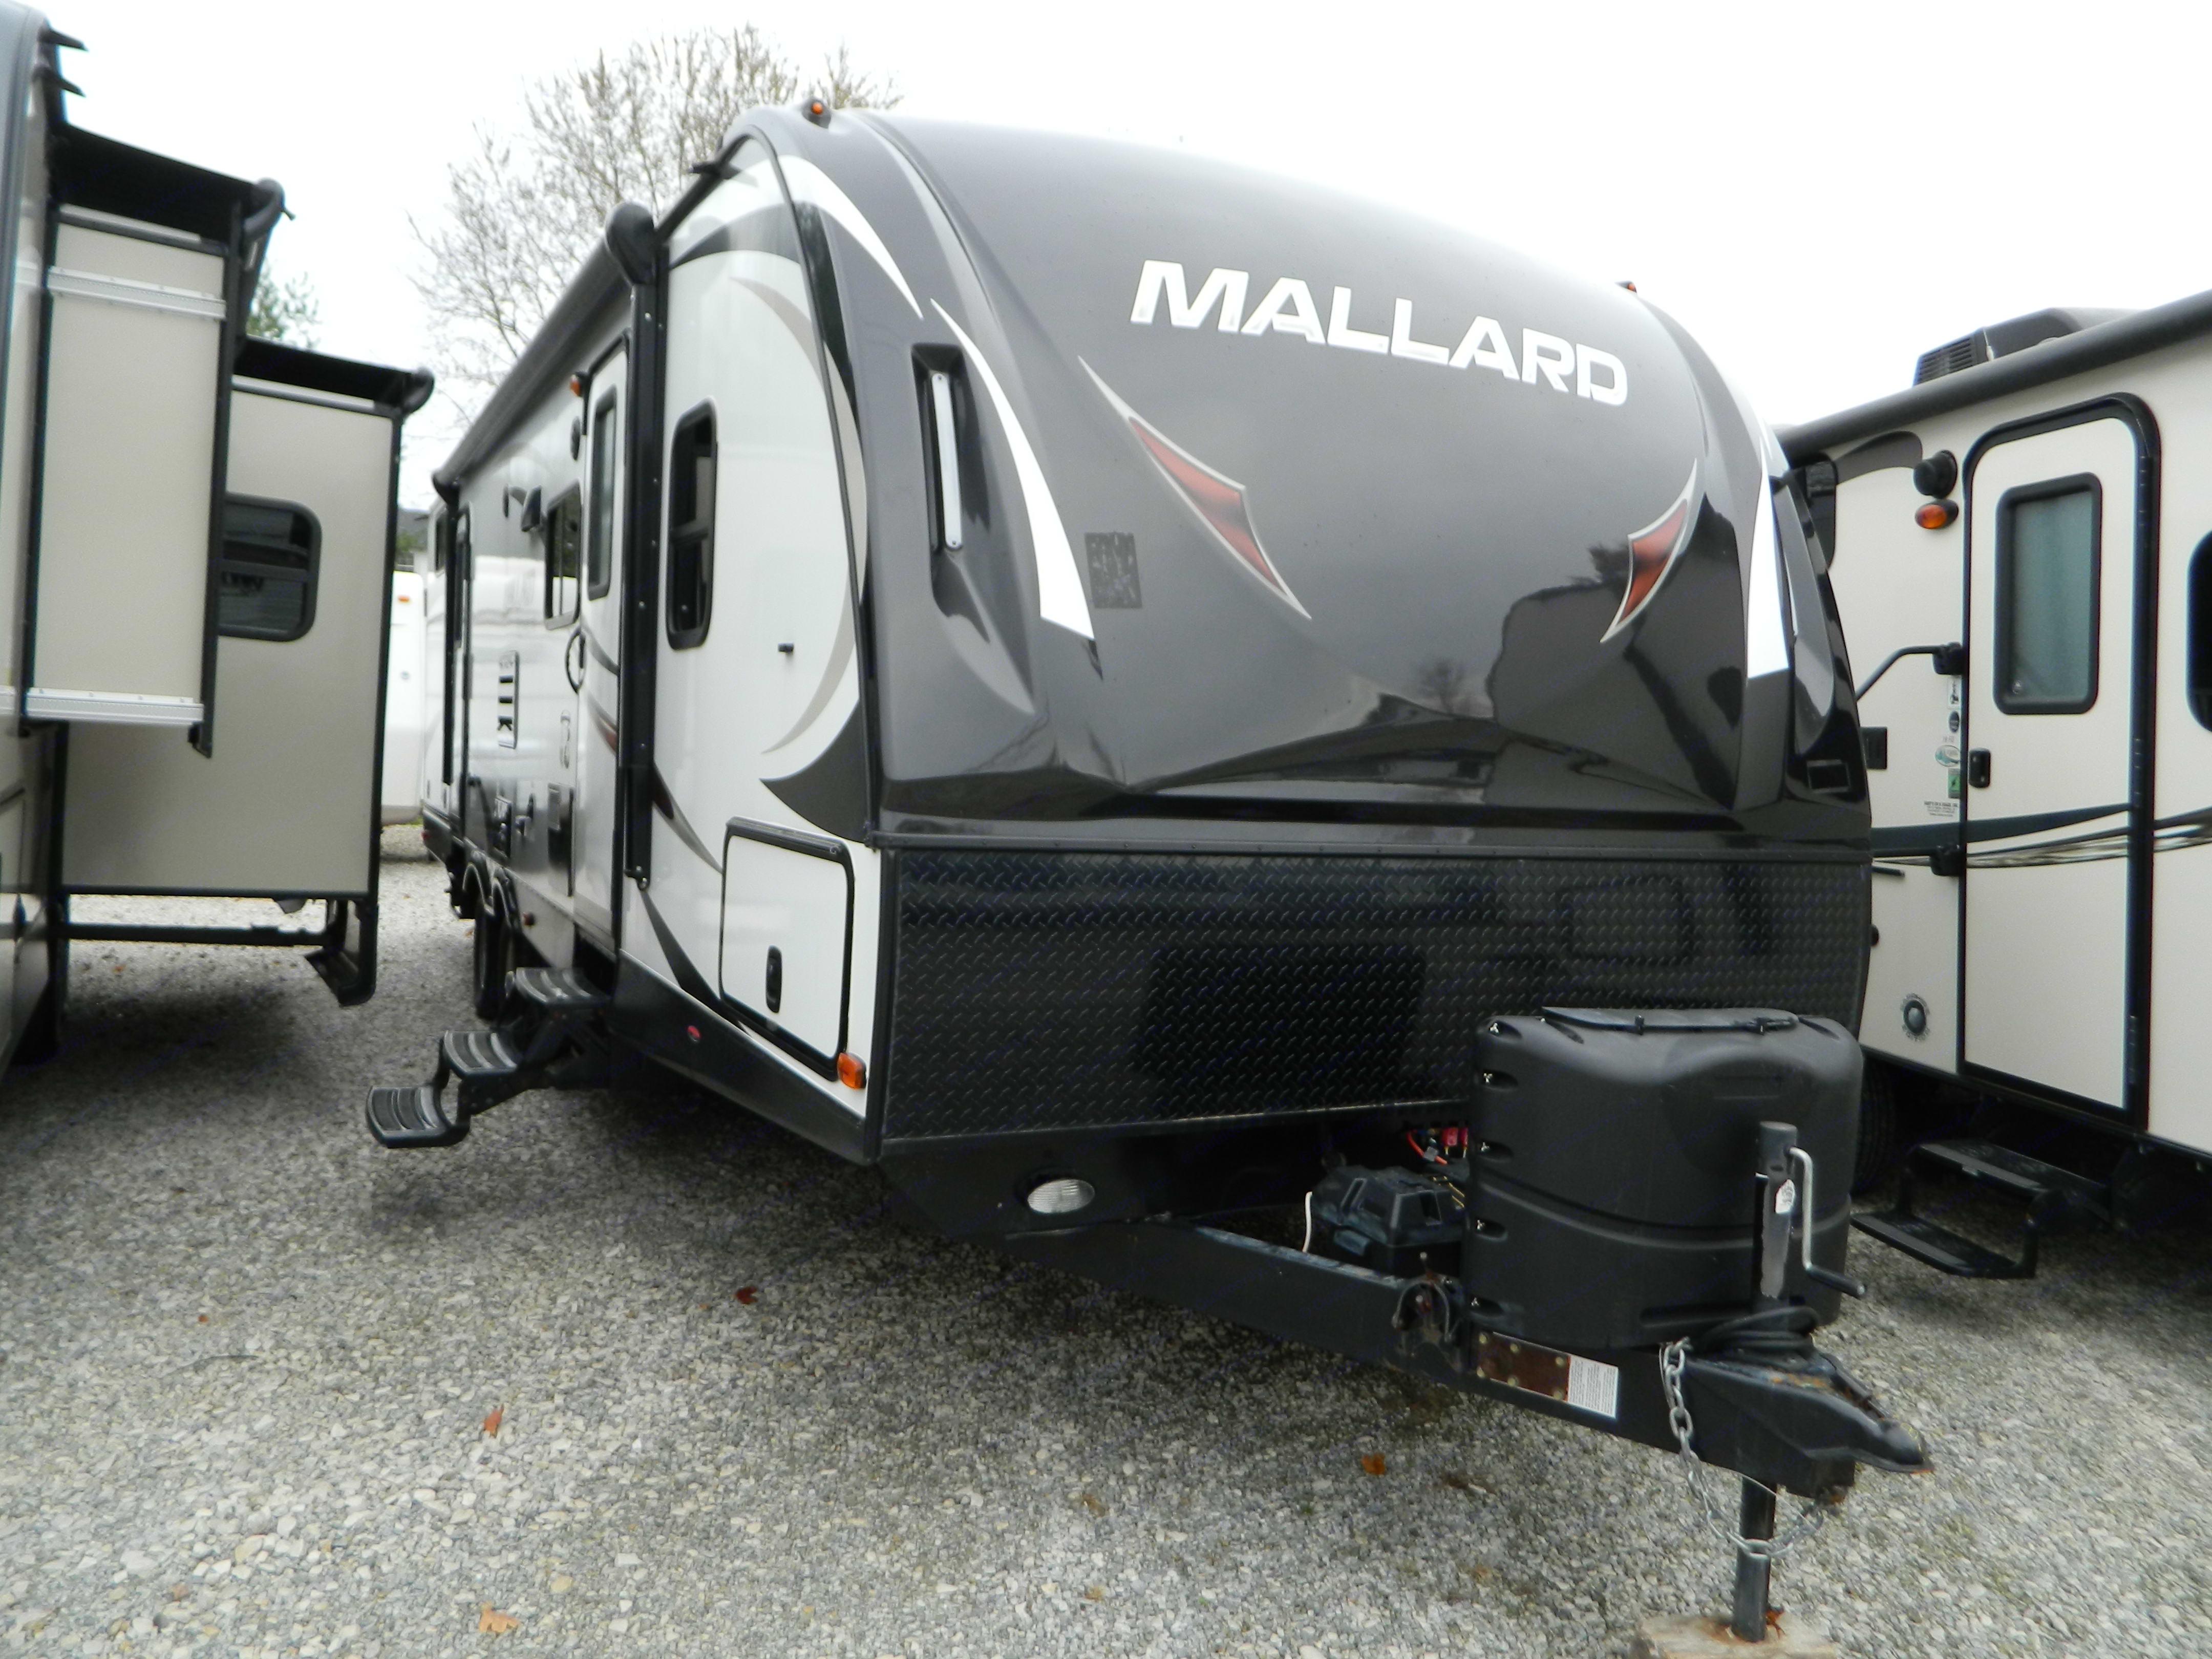 Heartland Mallard M32 2018